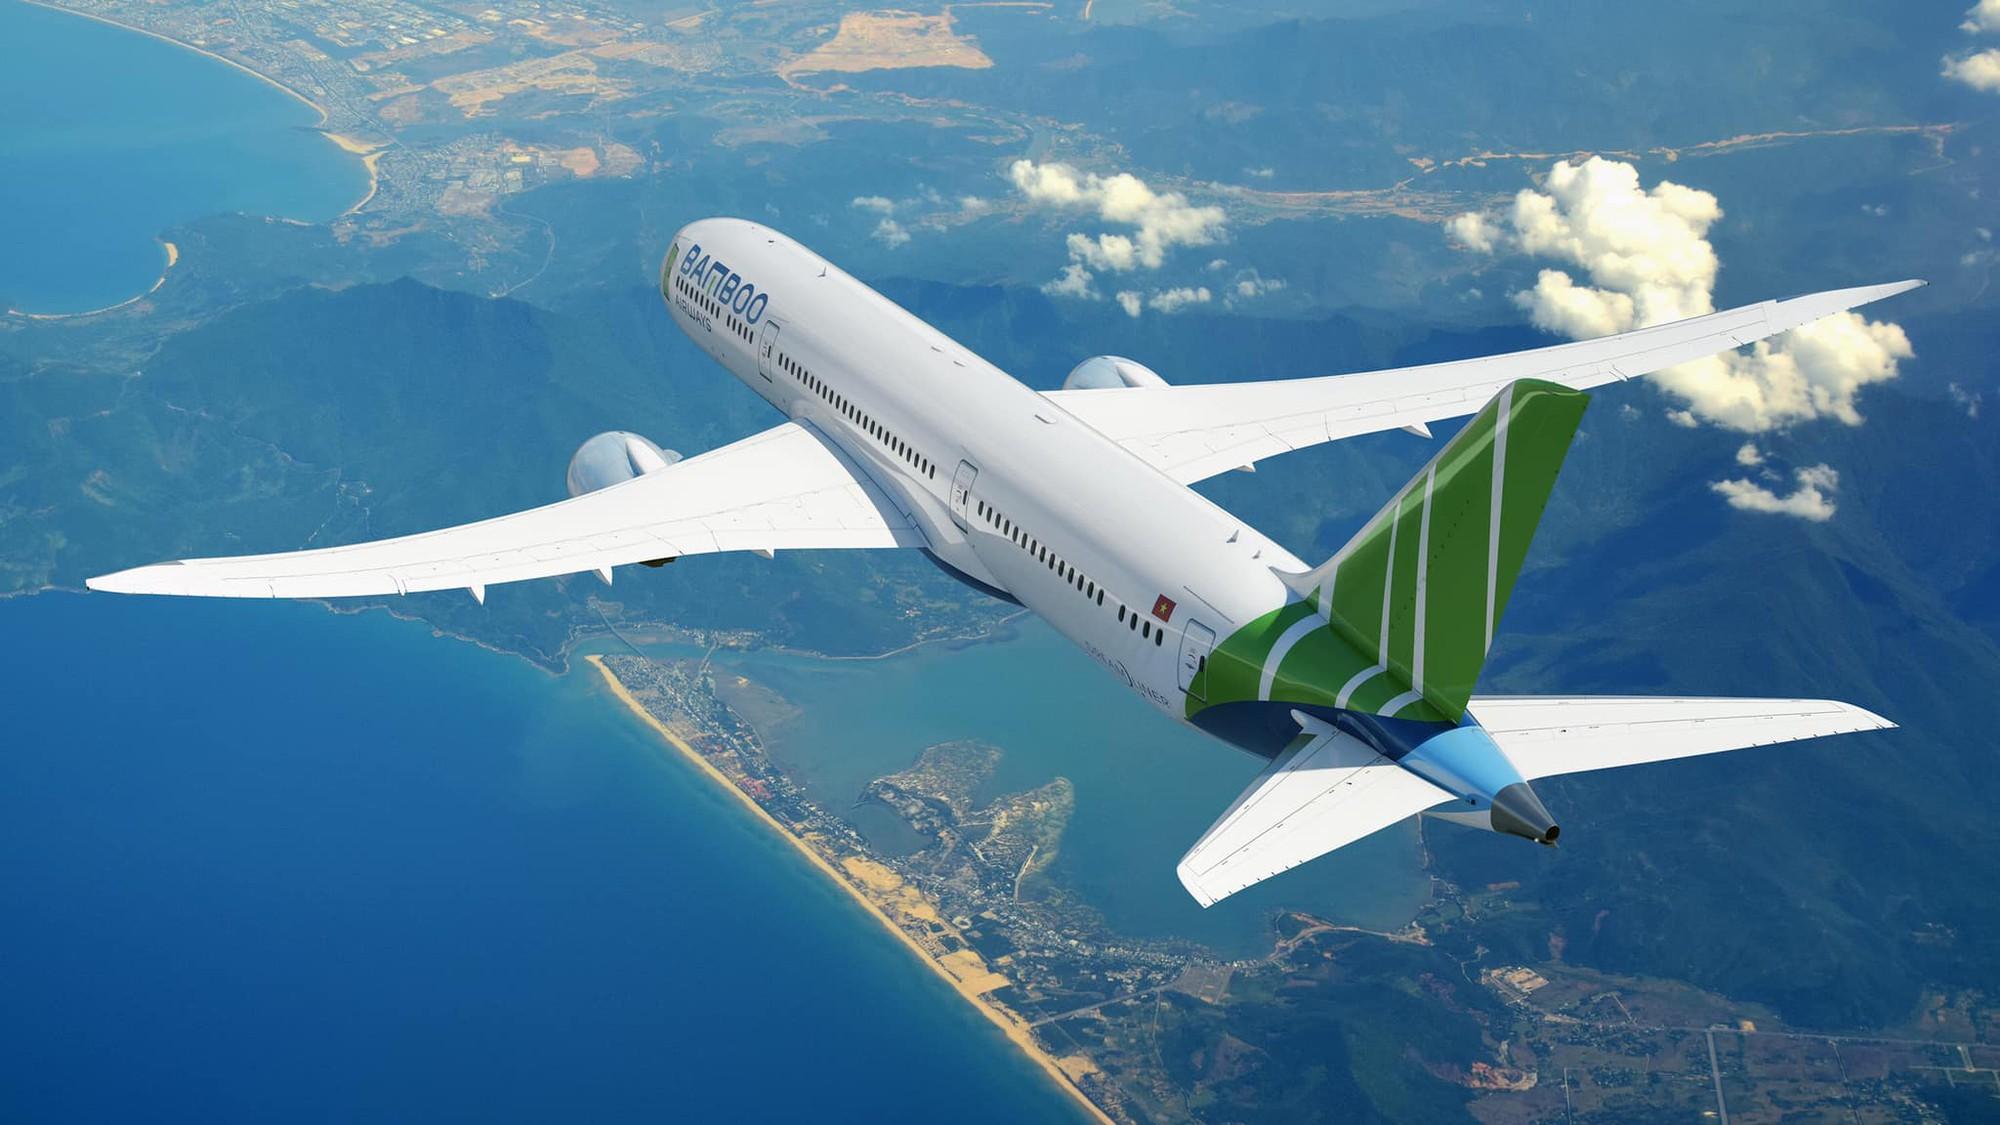 Đặt chuyến bay Bamboo airways